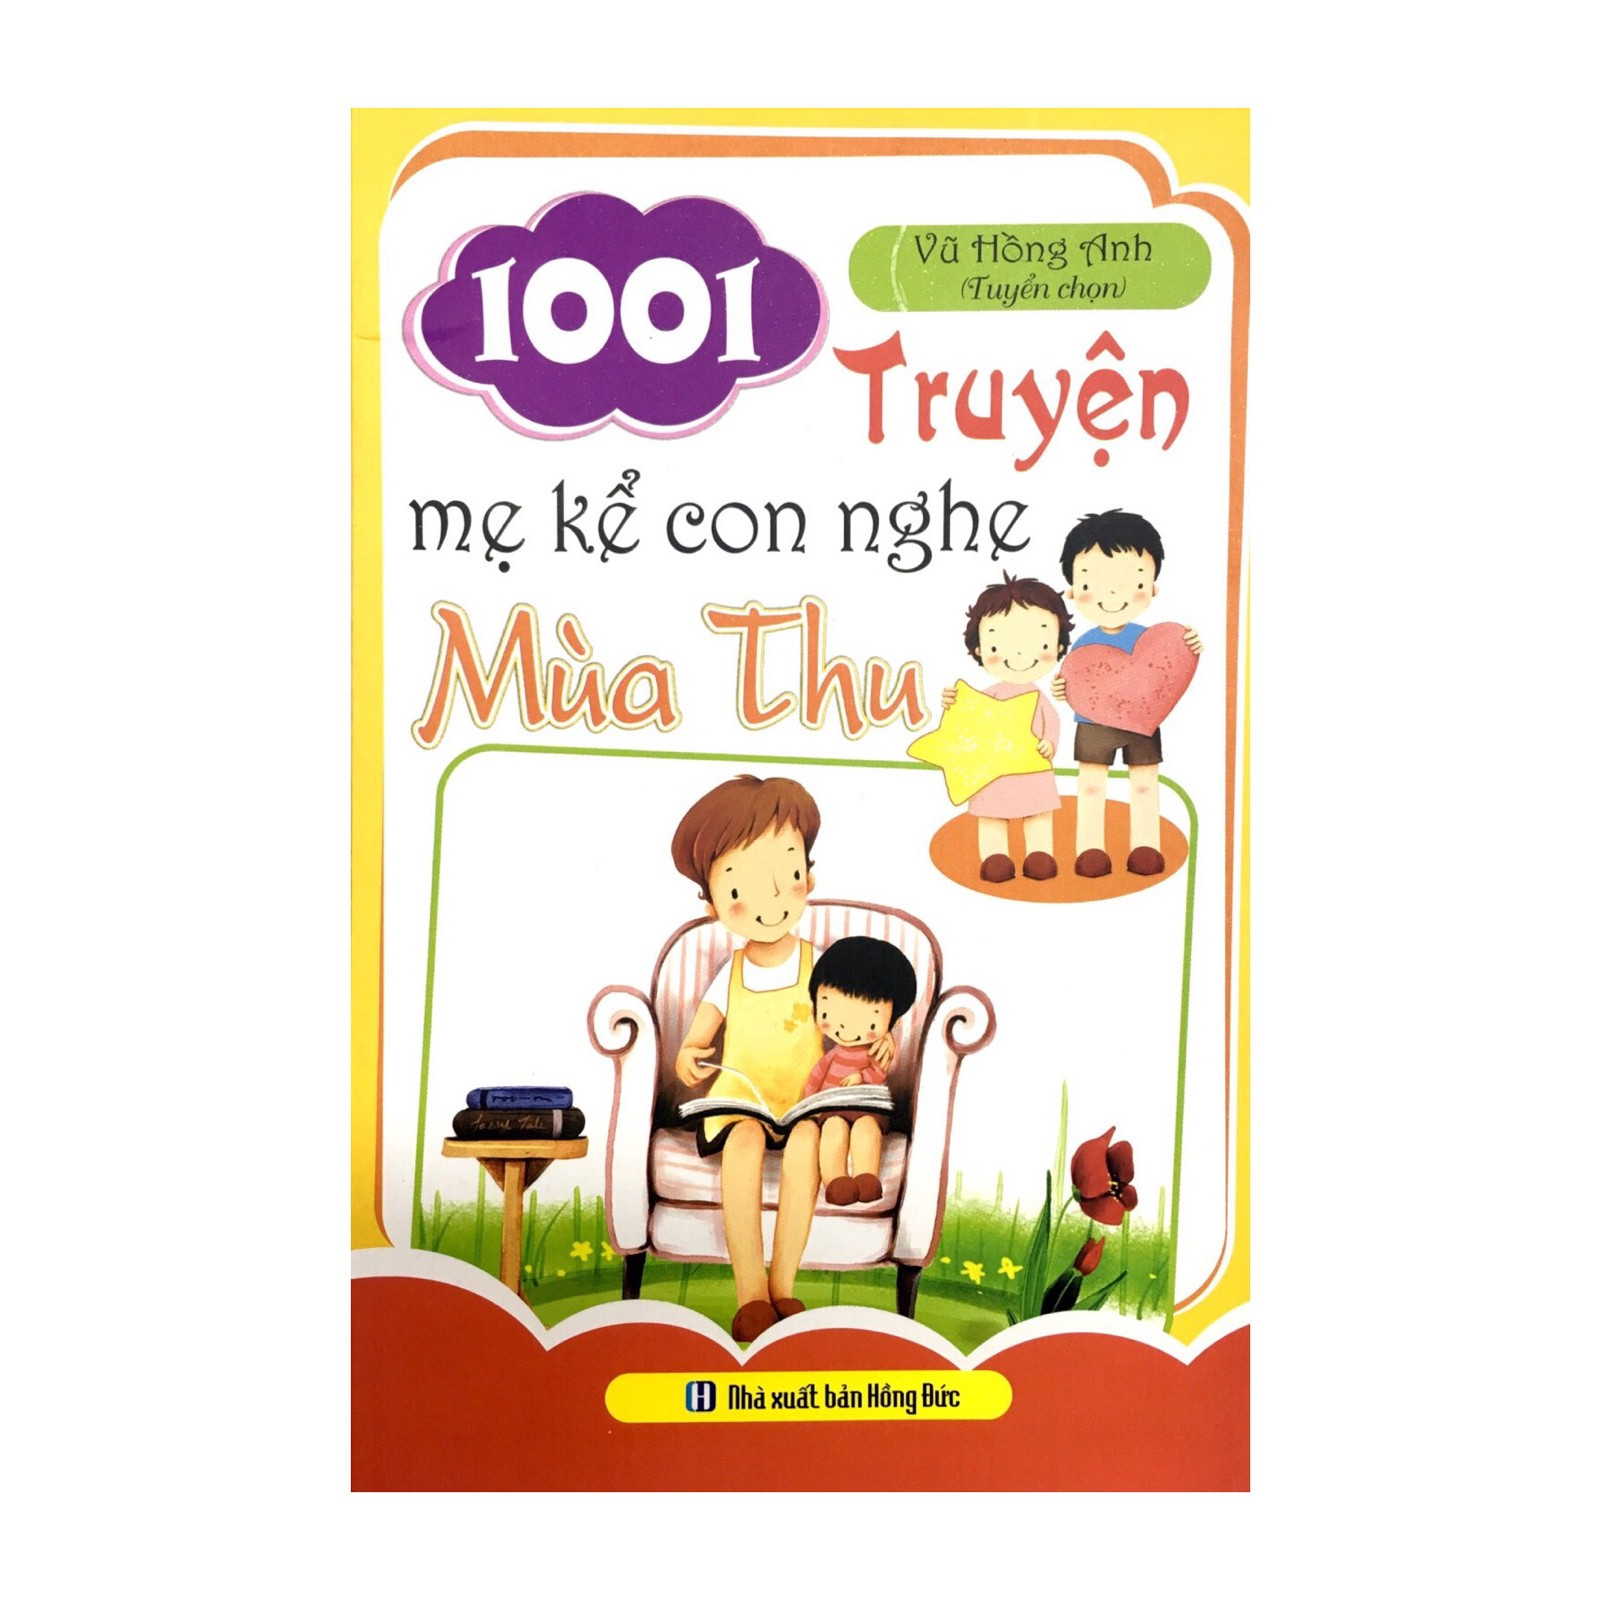 1001 Truyện mẹ kể con nghe - Mùa Thu (tác giả Vũ Hồng Hạnh tuyển chọn)